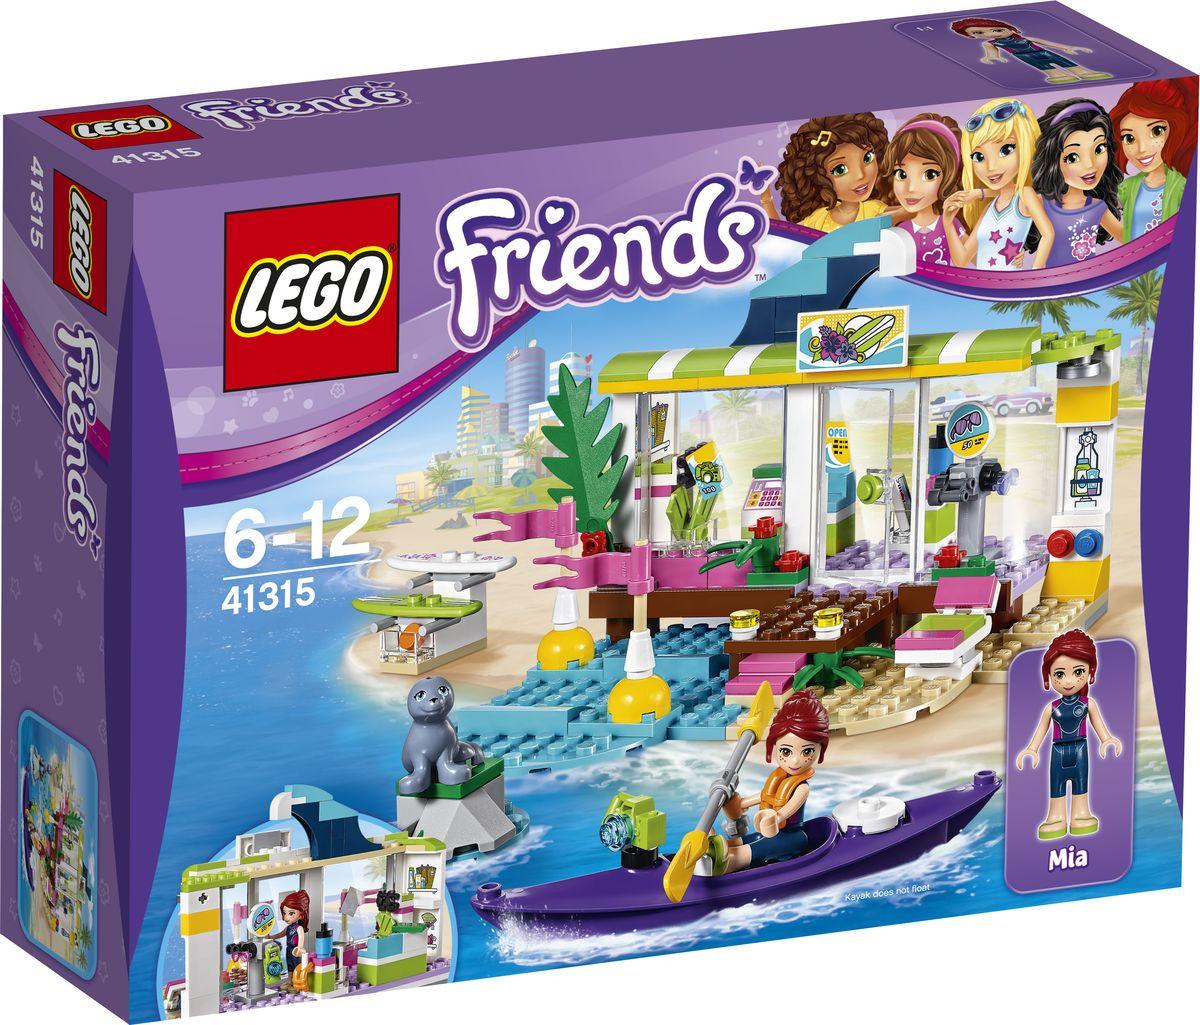 LEGO Friends Конструктор Серф-станция 41315 купить солнечные очки в интернет магазине